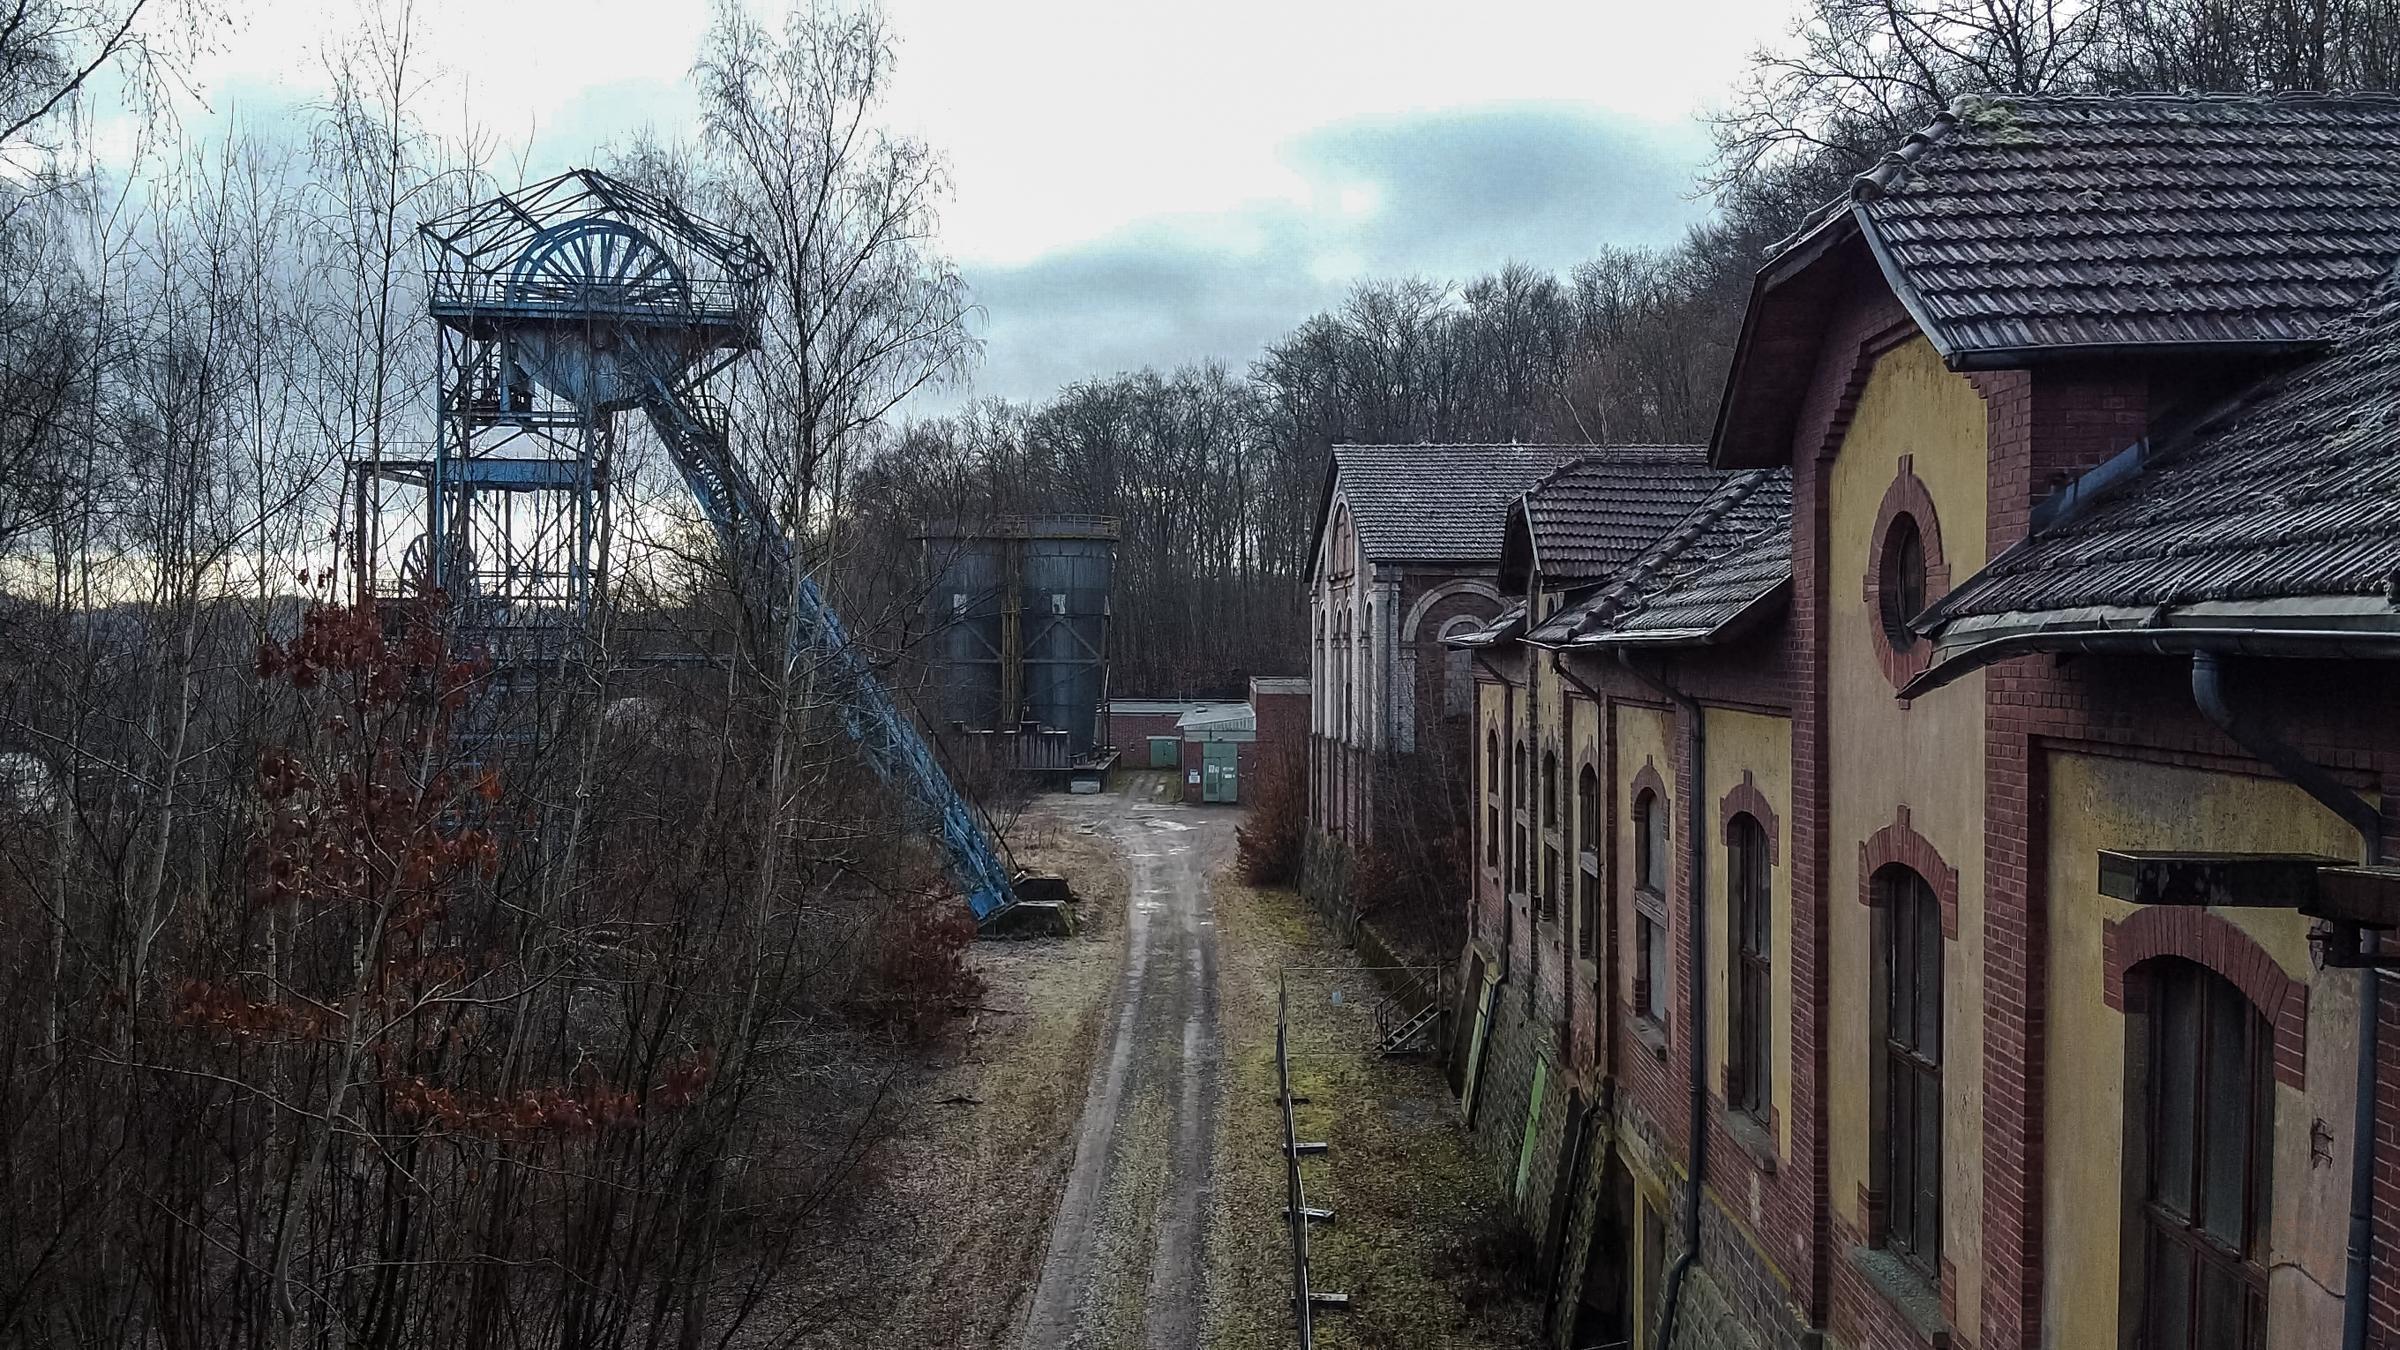 Grube Itzenplitz | Heiligenwald | Neunkirchen | Saarland | Bergbau